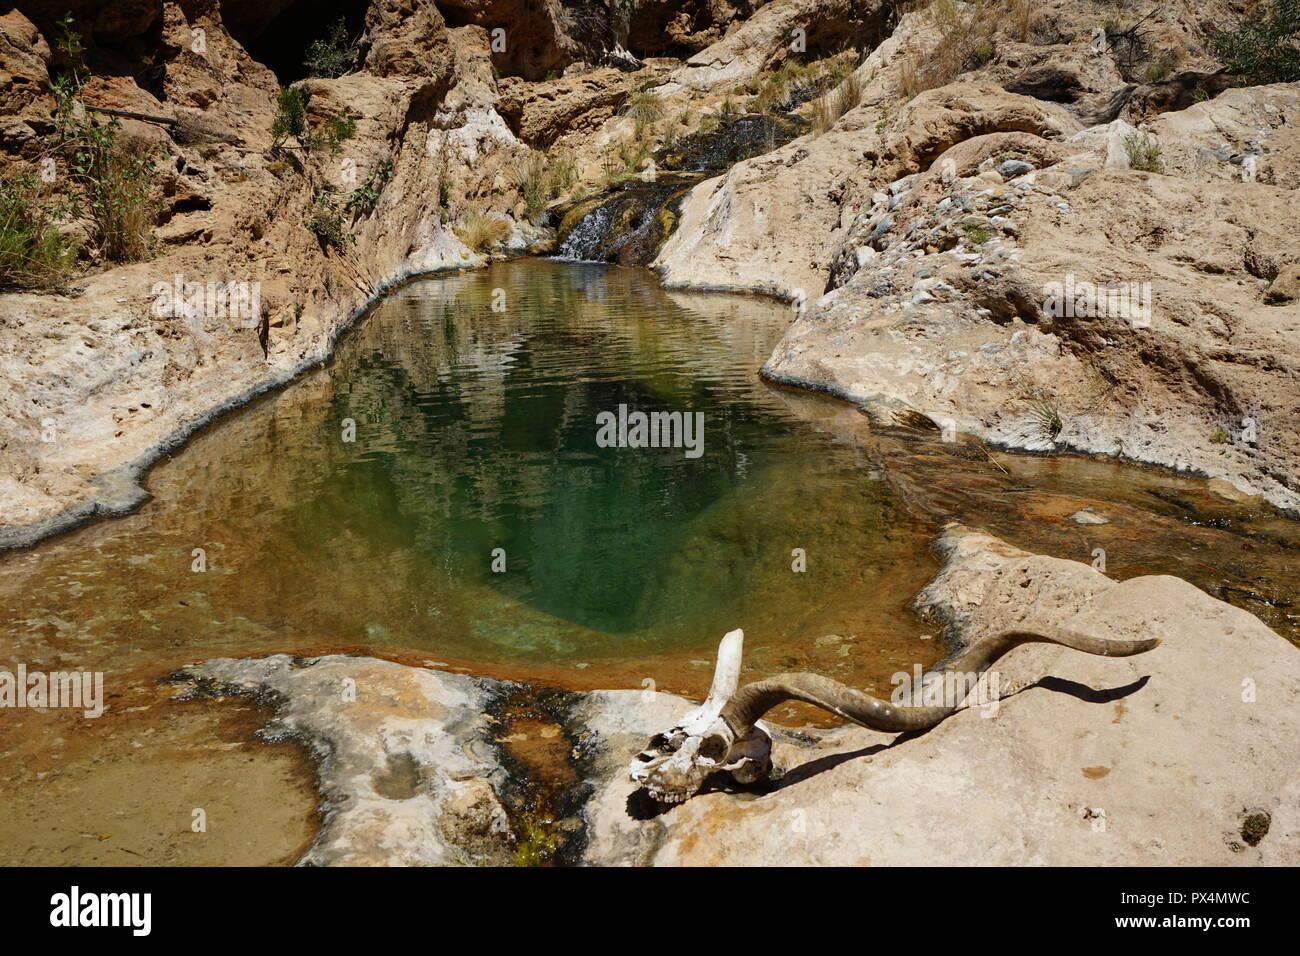 Kuduschädel vor natürlichem Wasserbecken, Naukluft Fluss, Waterkloof Trail, Naukluft Gebirge, Namib-Naukluft Park, Republik Namibia, Afrika Stock Photo